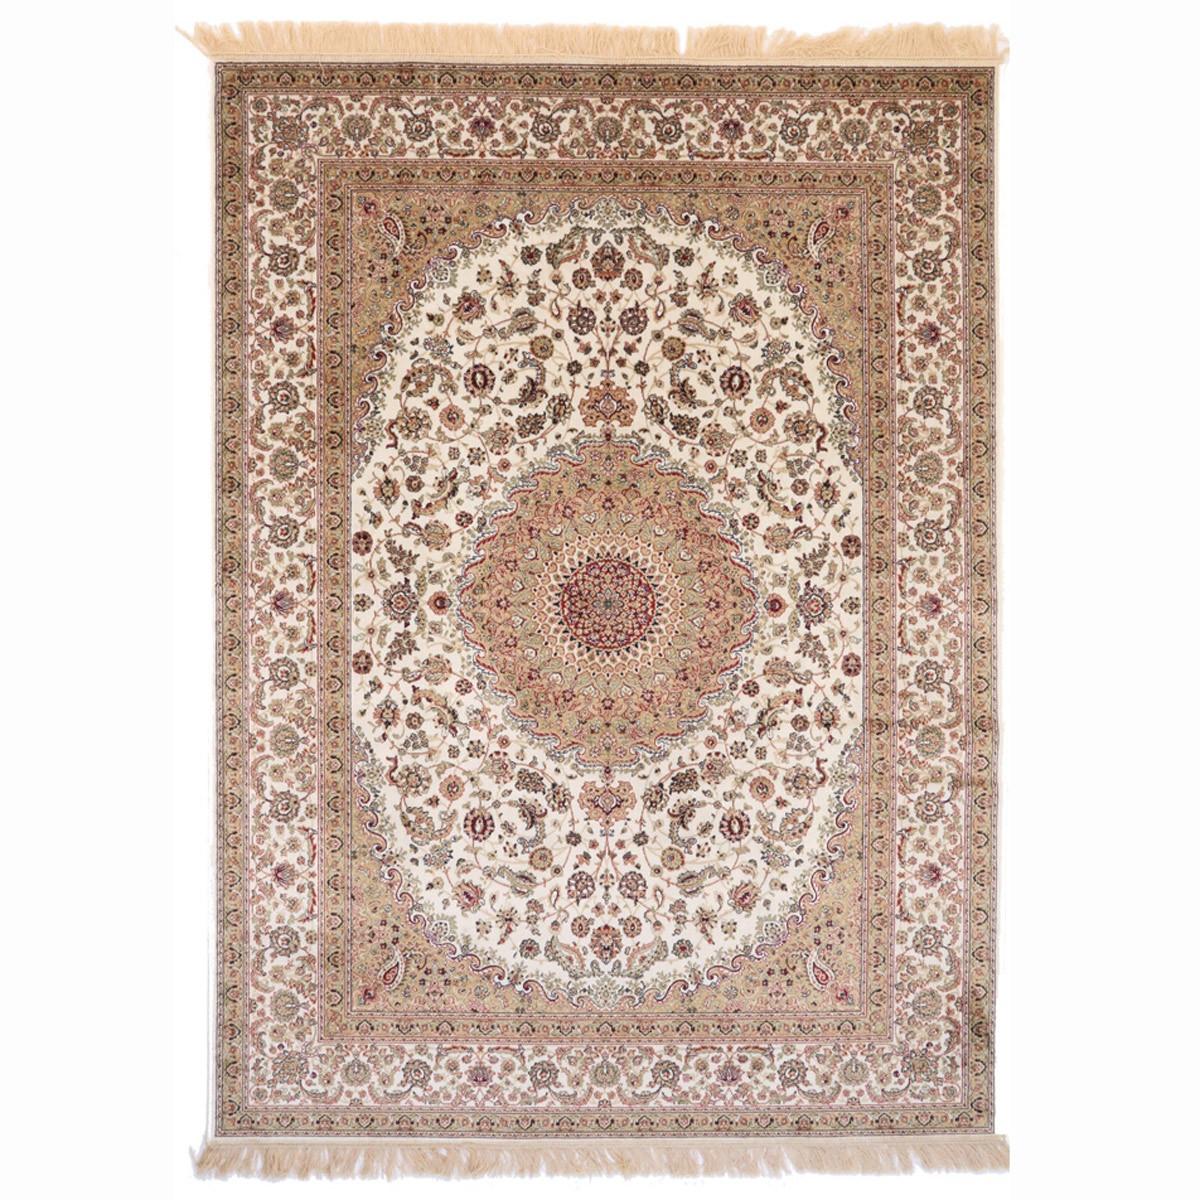 Χαλιά Κρεβατοκάμαρας (Σετ 3τμχ) Royal Carpets Rubine 396 Ivory